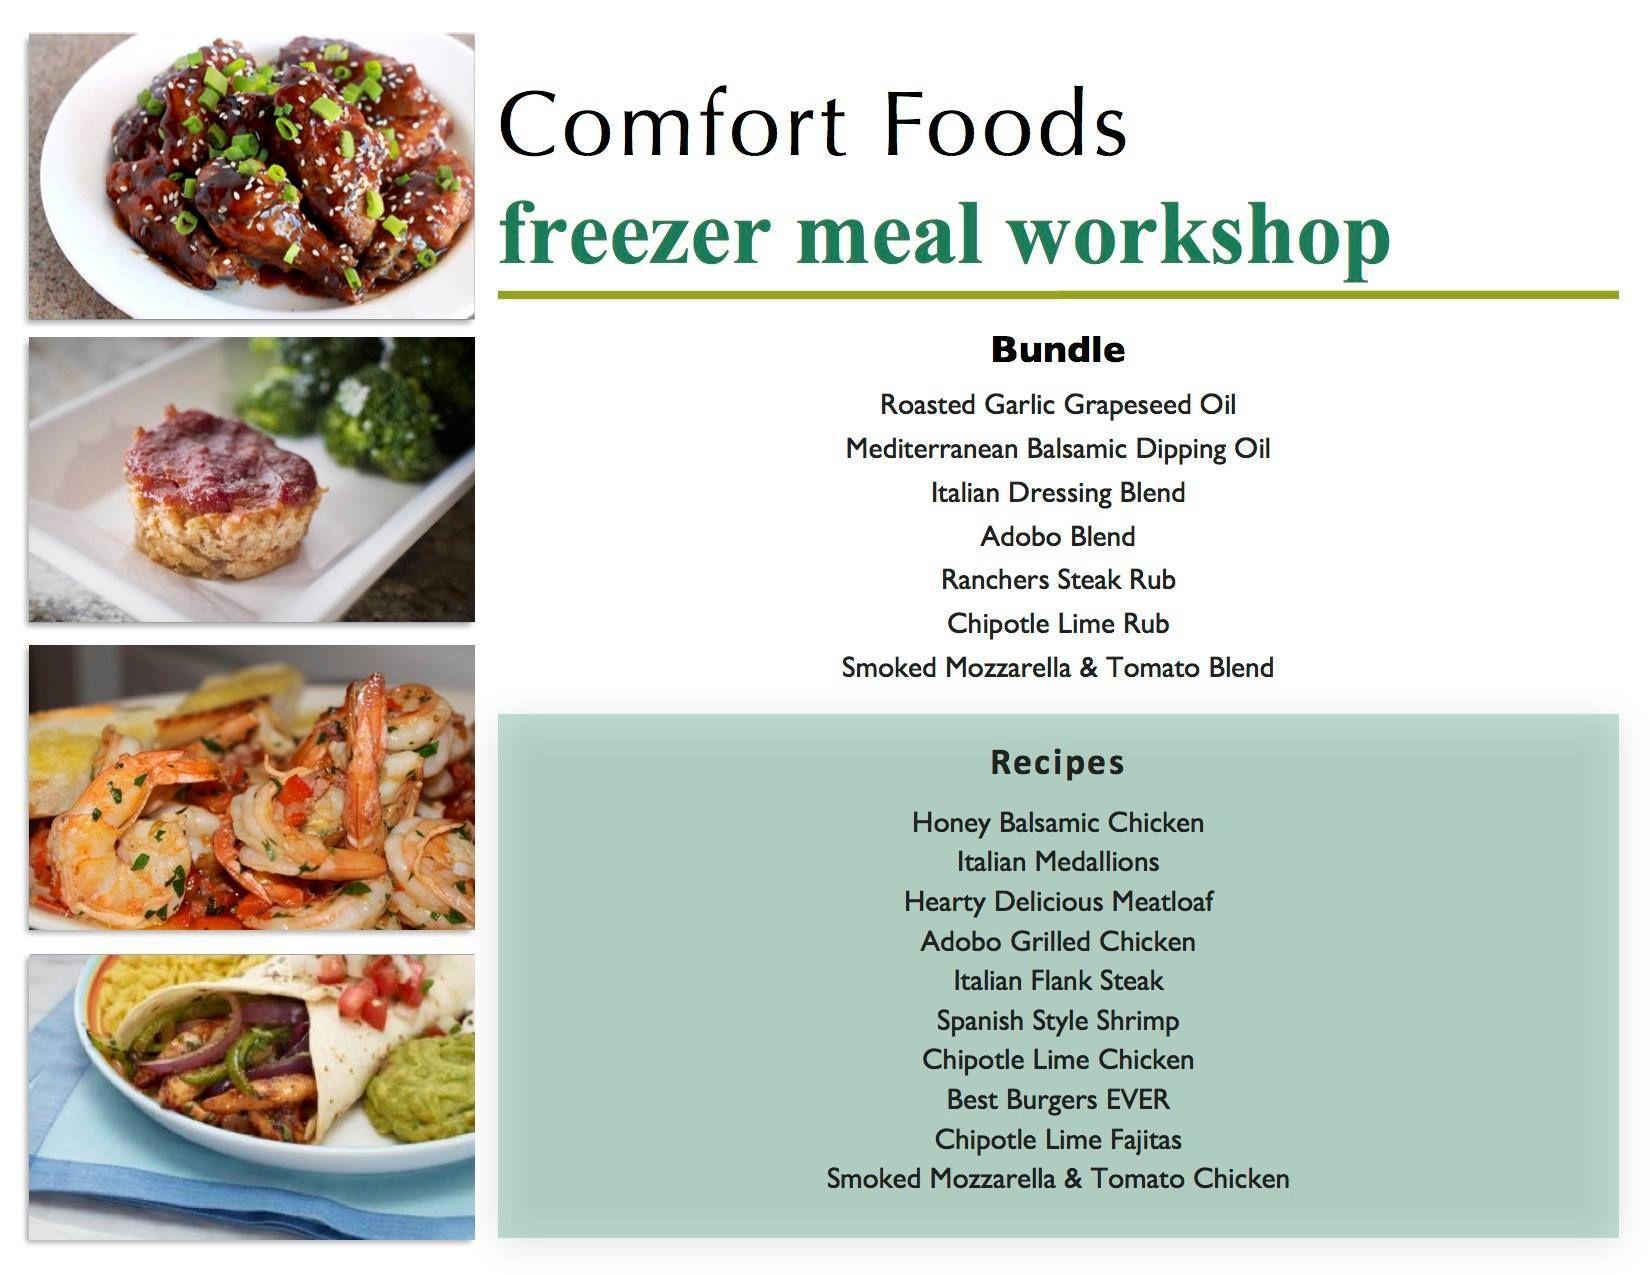 Comfort foods workshop bundle list recipes wildtree workshop comfort foods workshop bundle list recipes workshopmeal planningcomfort foodshealthy forumfinder Image collections